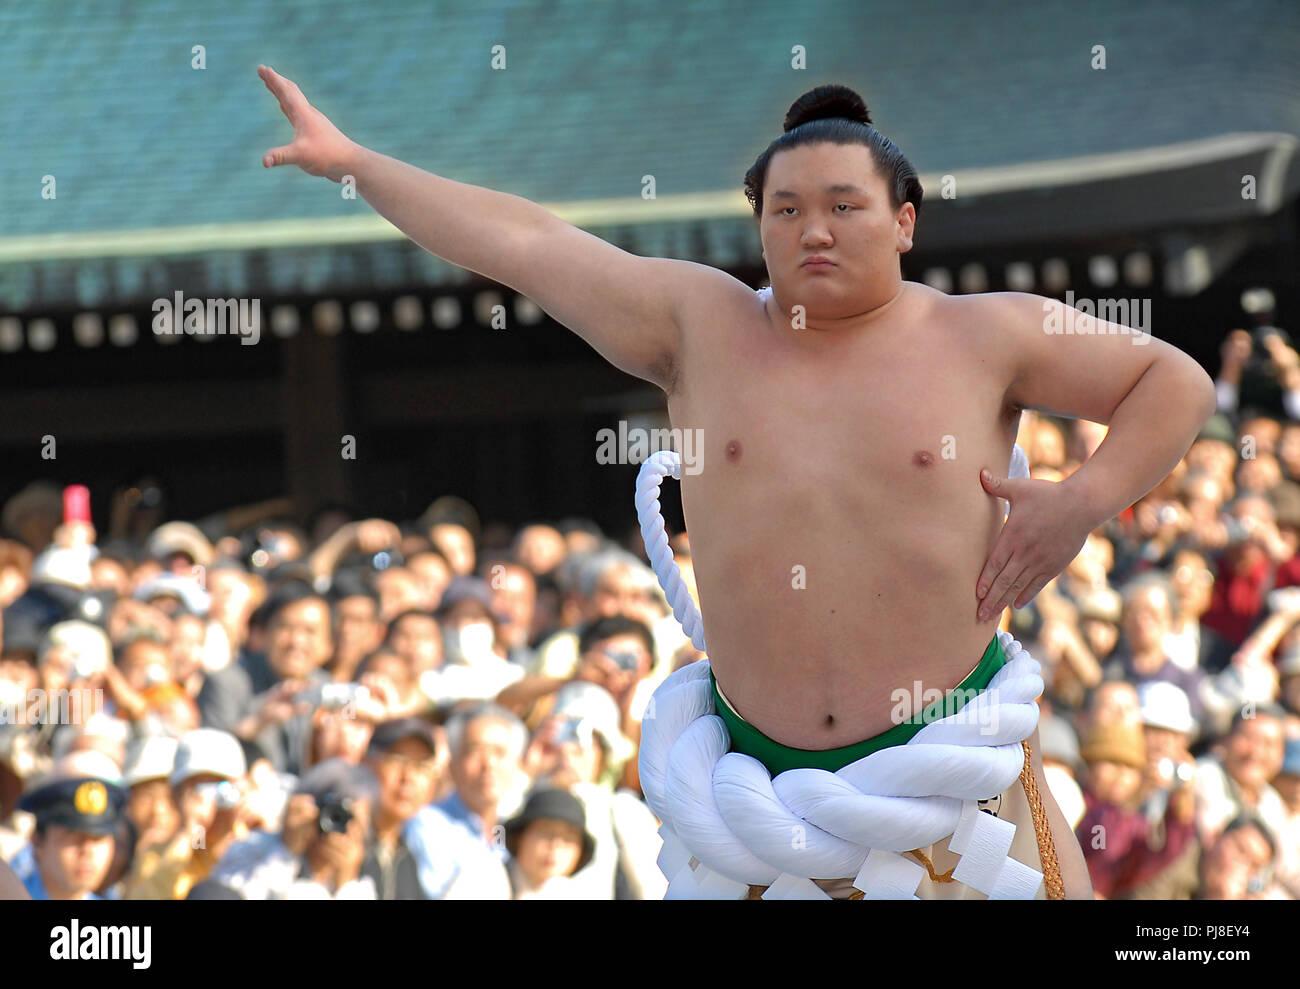 Mongolo lottatore di sumo Hakuho, indossando un grand champion cerimoniale cintura di corda, esegue un rituale cerimoniale per segnare la sua promozione al rango di yok Immagini Stock